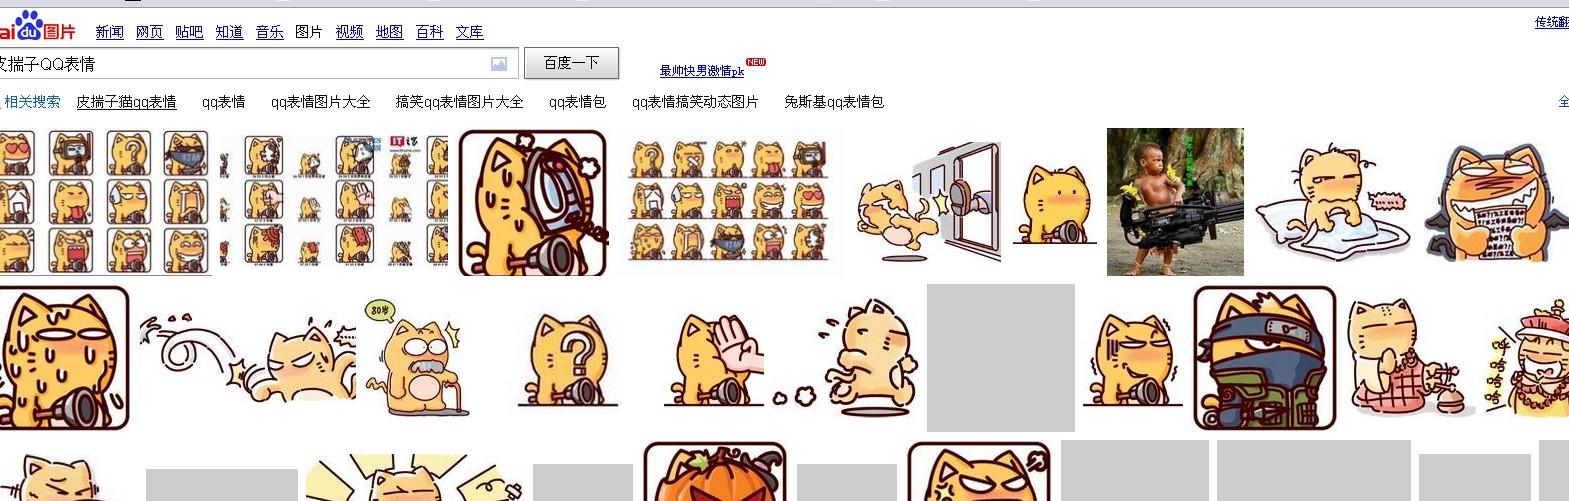 皮揣子猫表情包分享展示